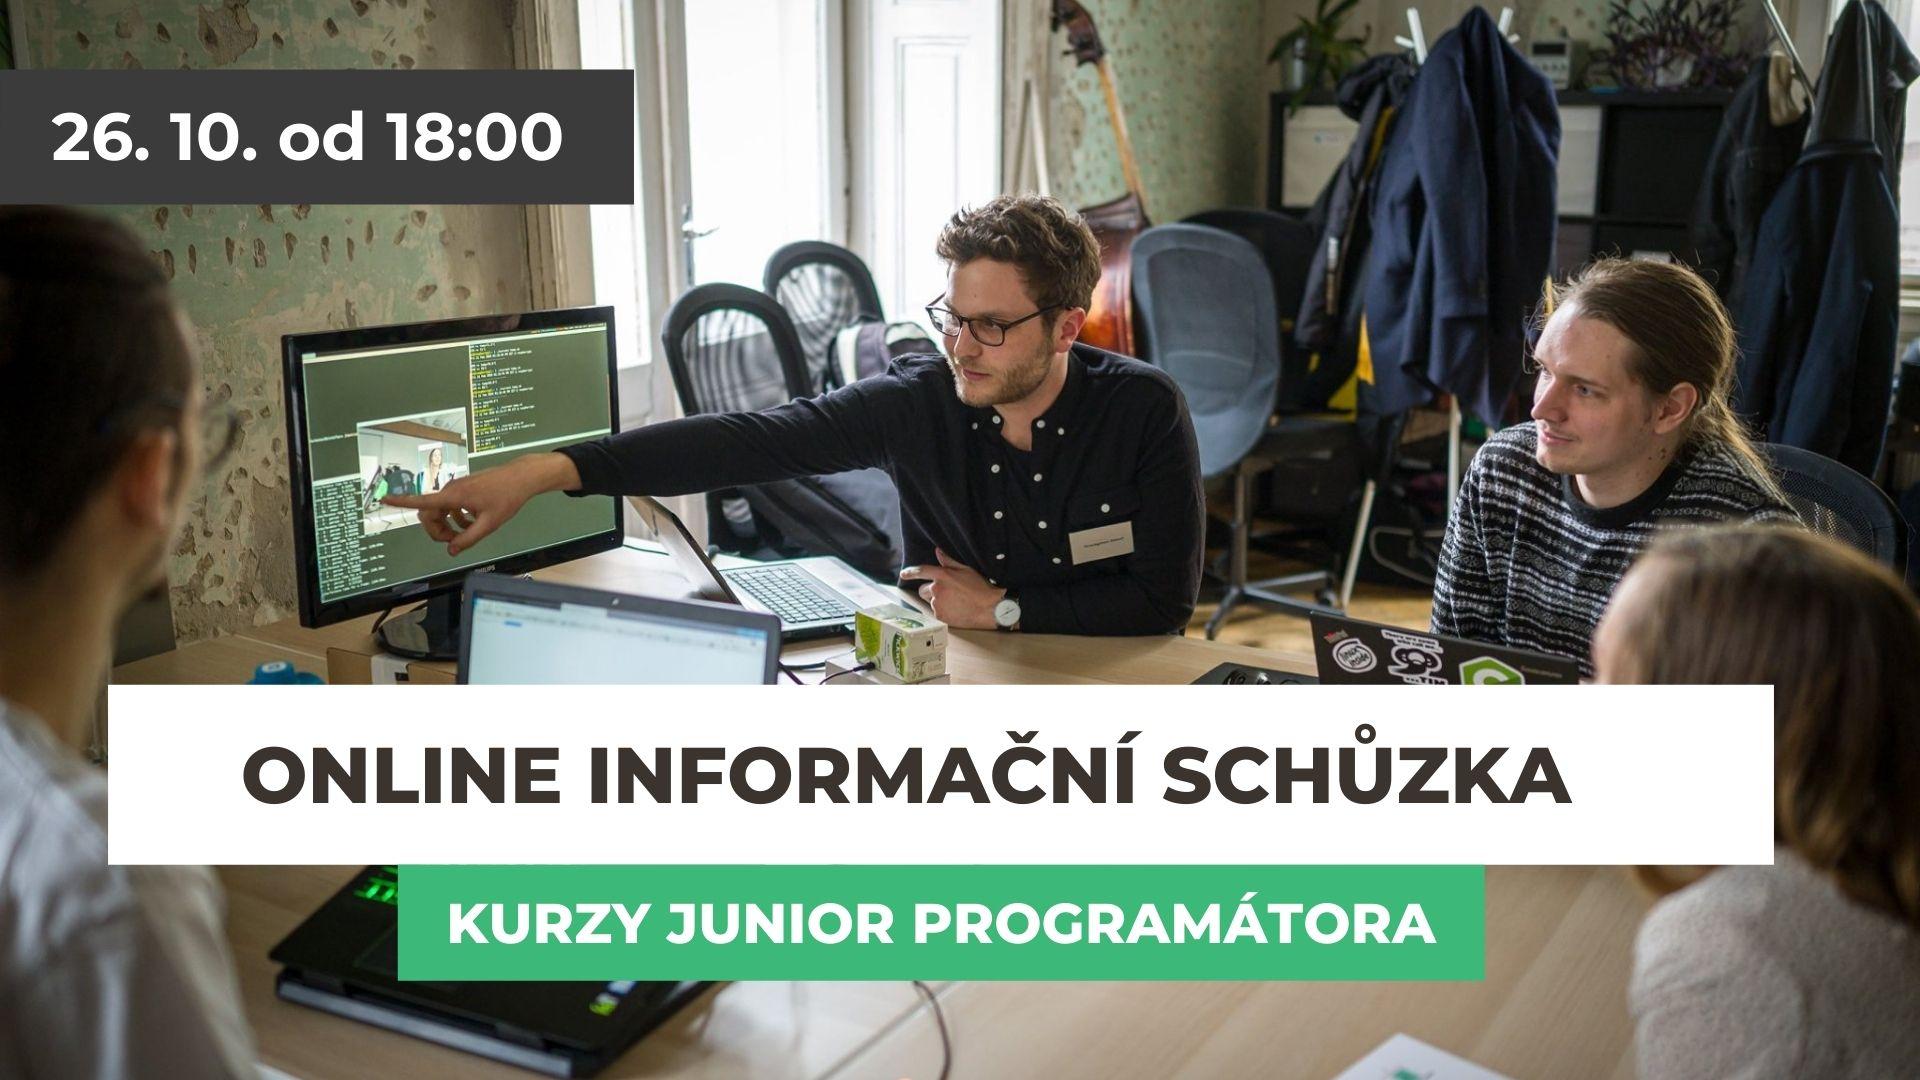 Online informační schůzka: Jak se rekvalifikovat na junior programátora?